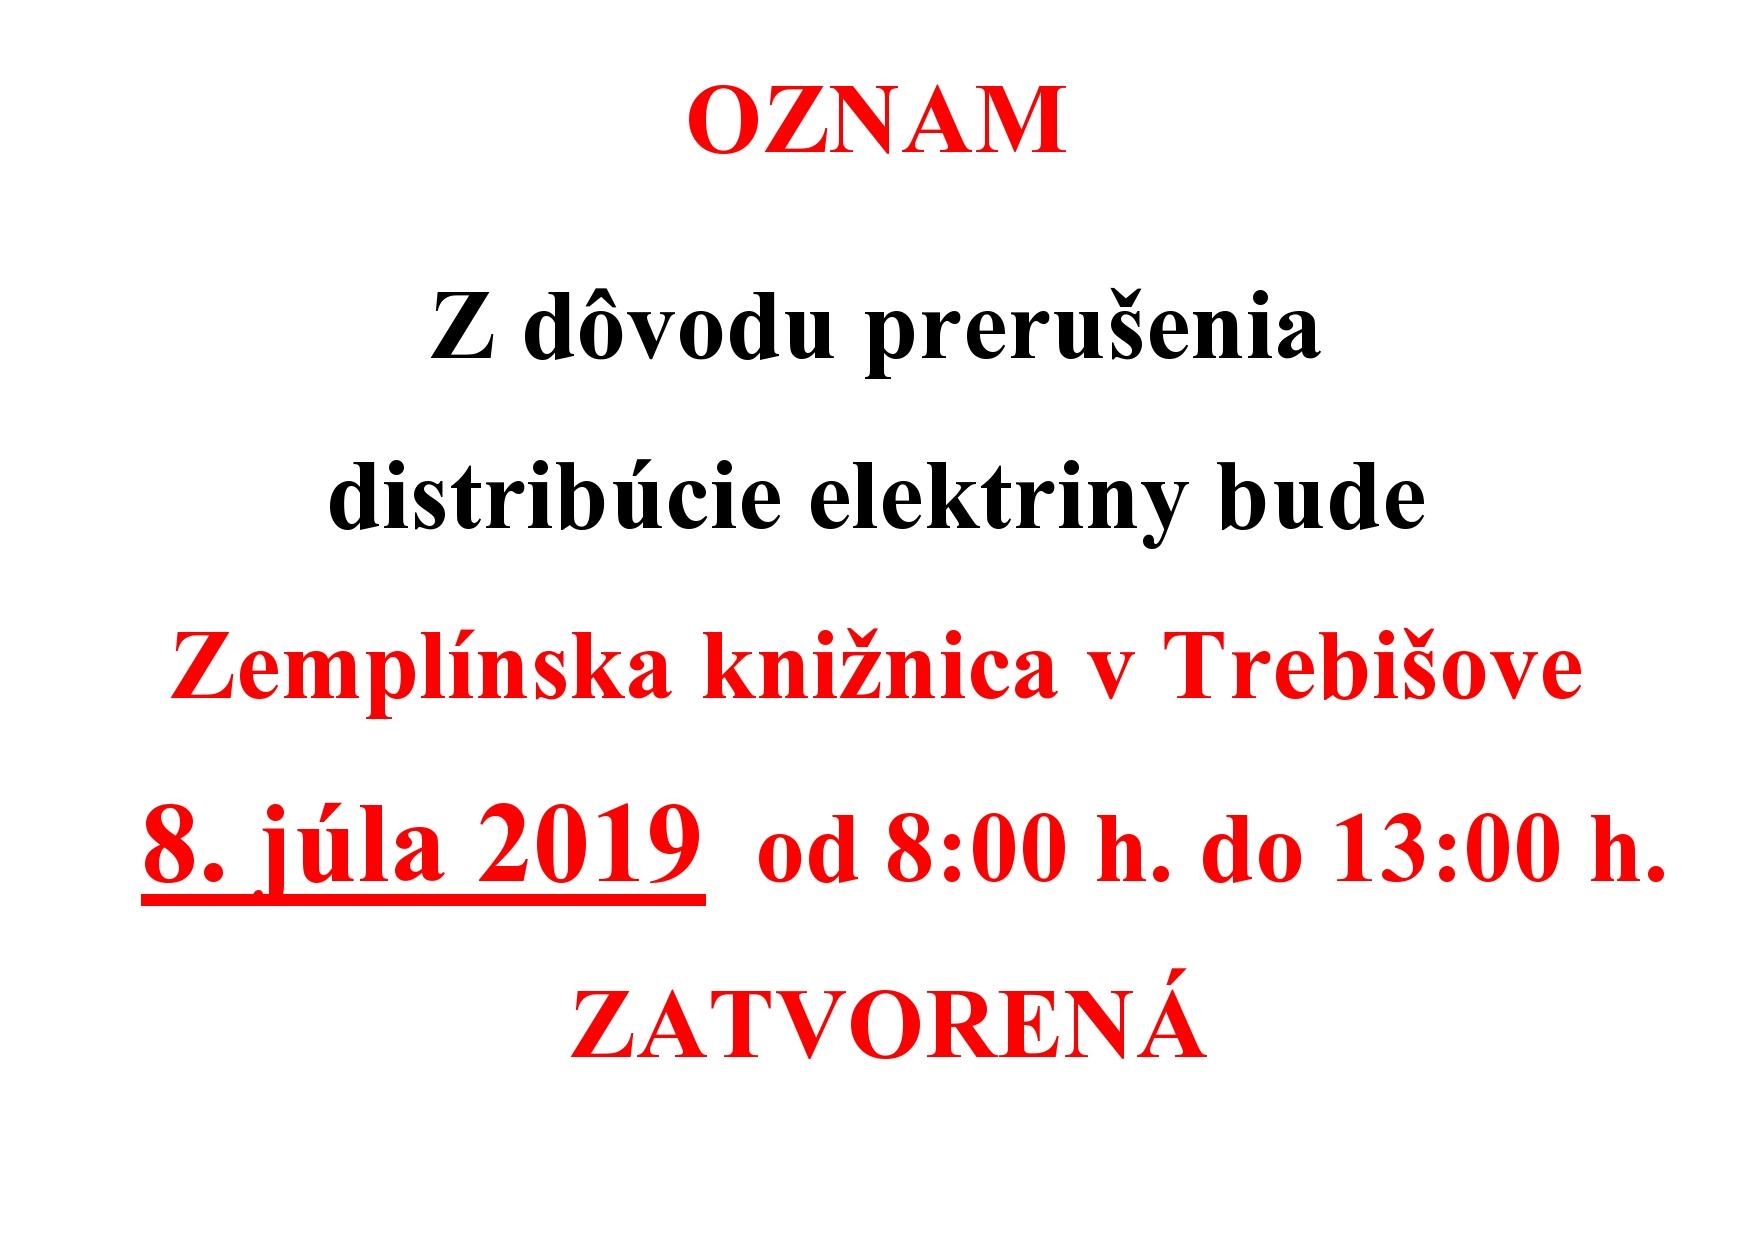 oznam-page0001